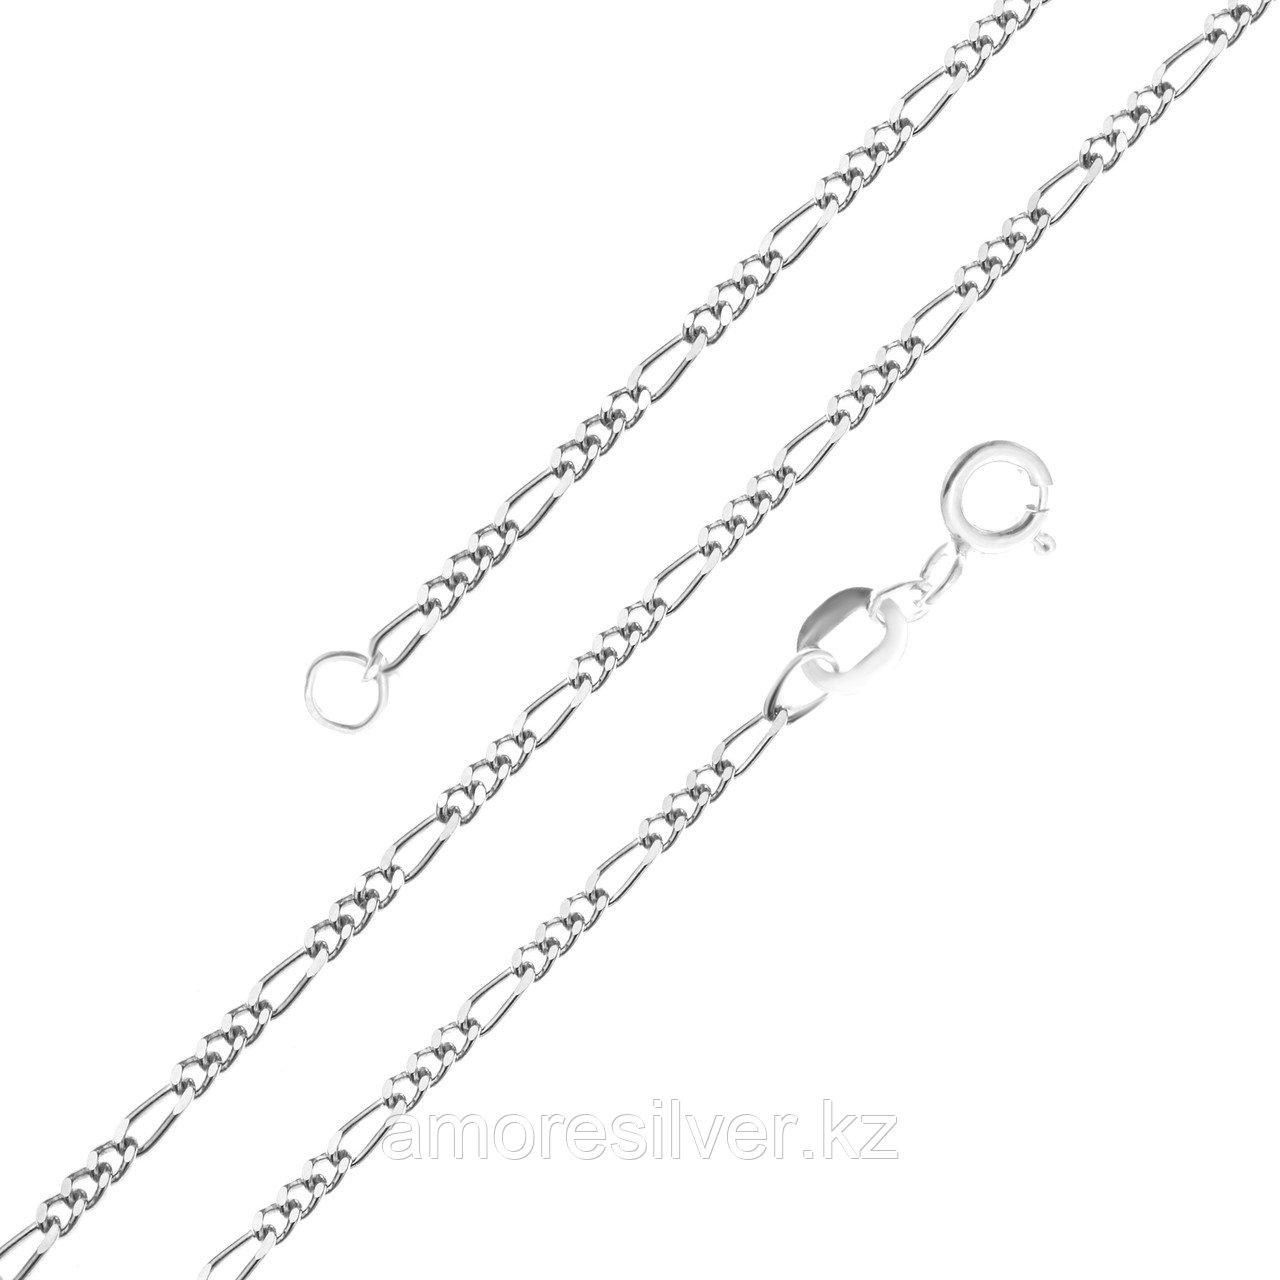 Цепь Красцветмет серебро с родием, без вставок, фигаро 1-3 НЦ 22-014-3-050 размеры - 50